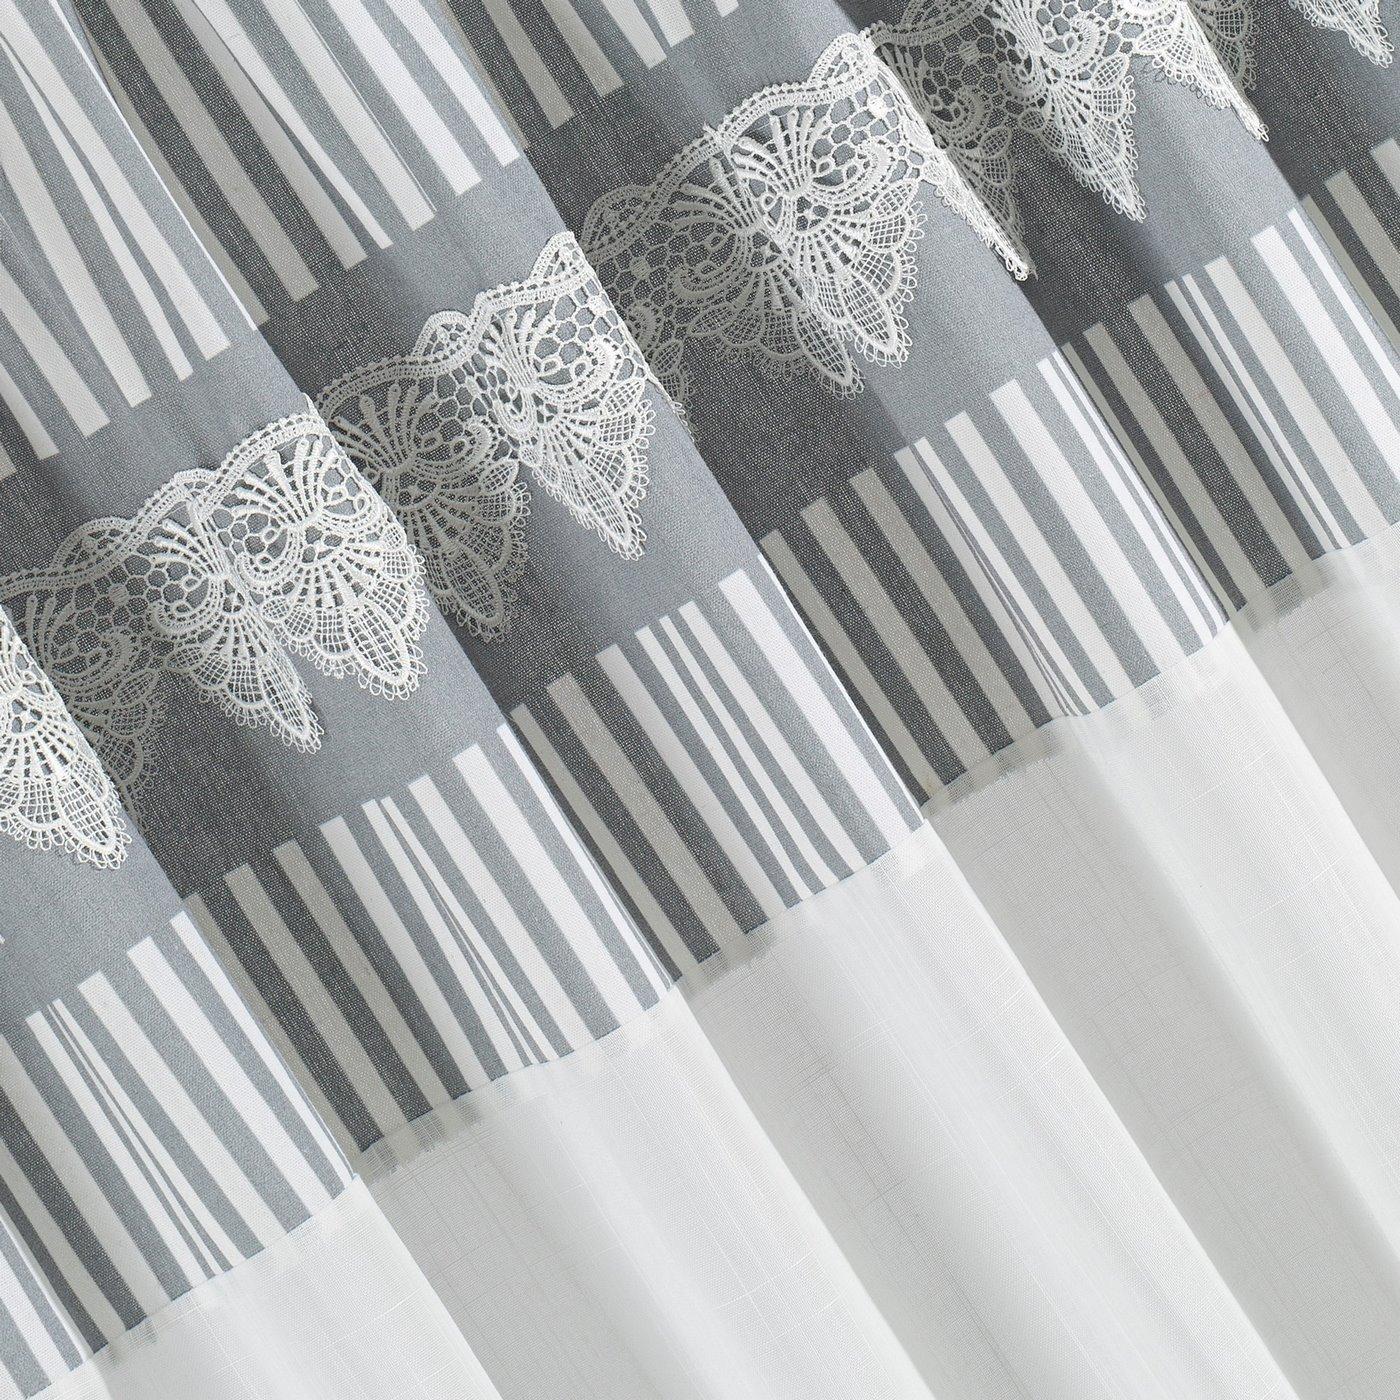 Zasłona srebrno biała z piękną koronką 140 x 250 cm na taśmie